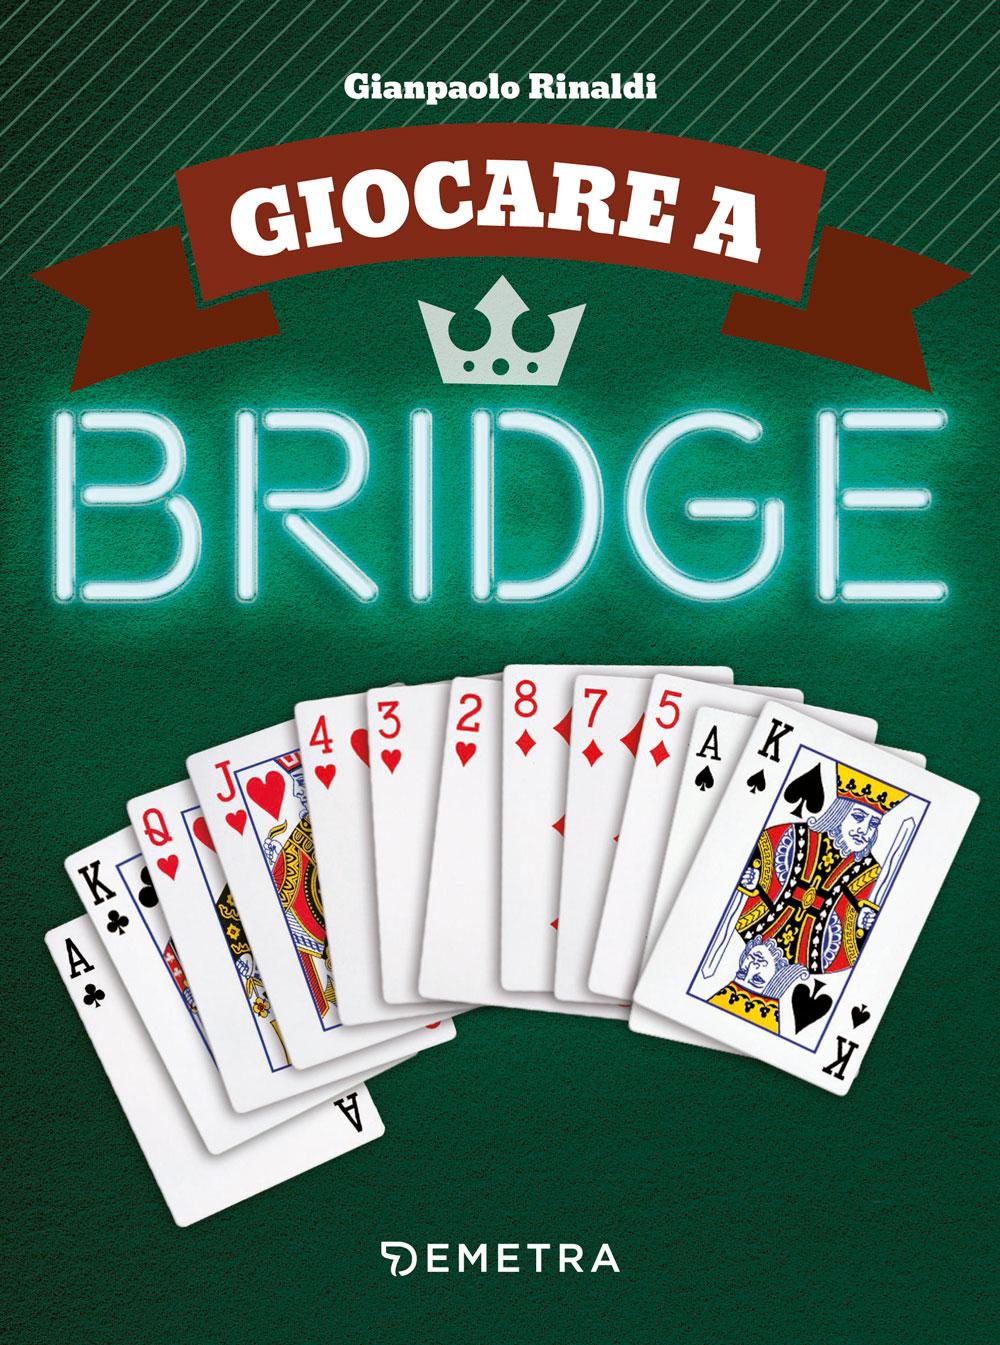 Giocare a bridge